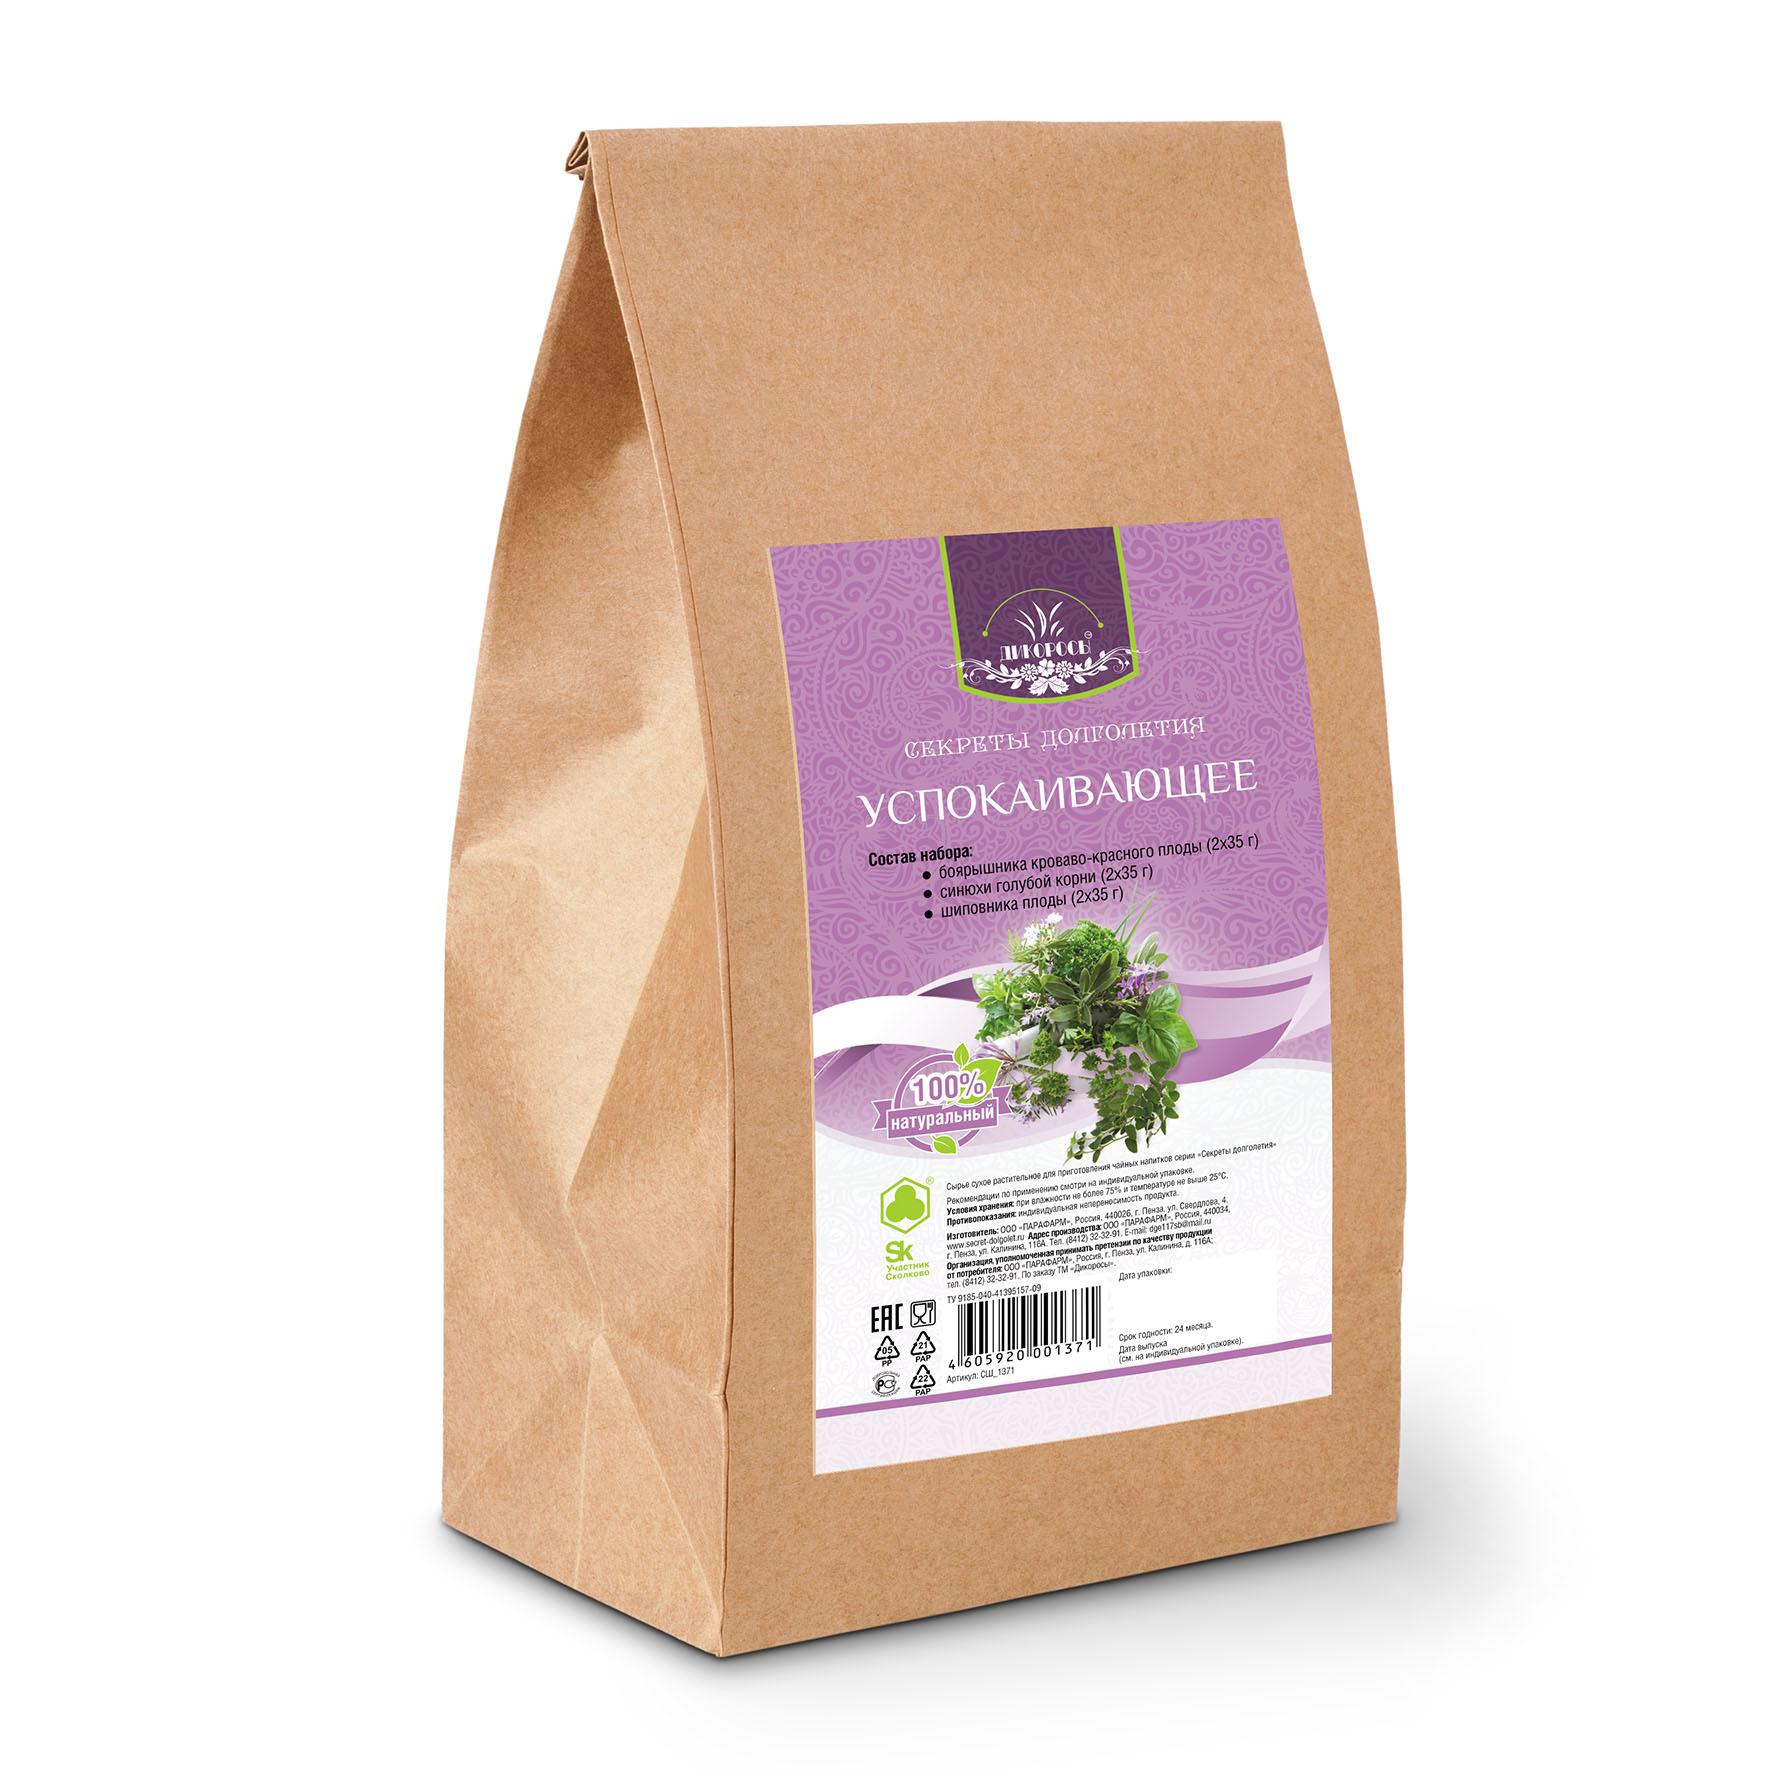 Успокаивающее – сбор. Сырье сухое растительное для приготовления чайных напитков